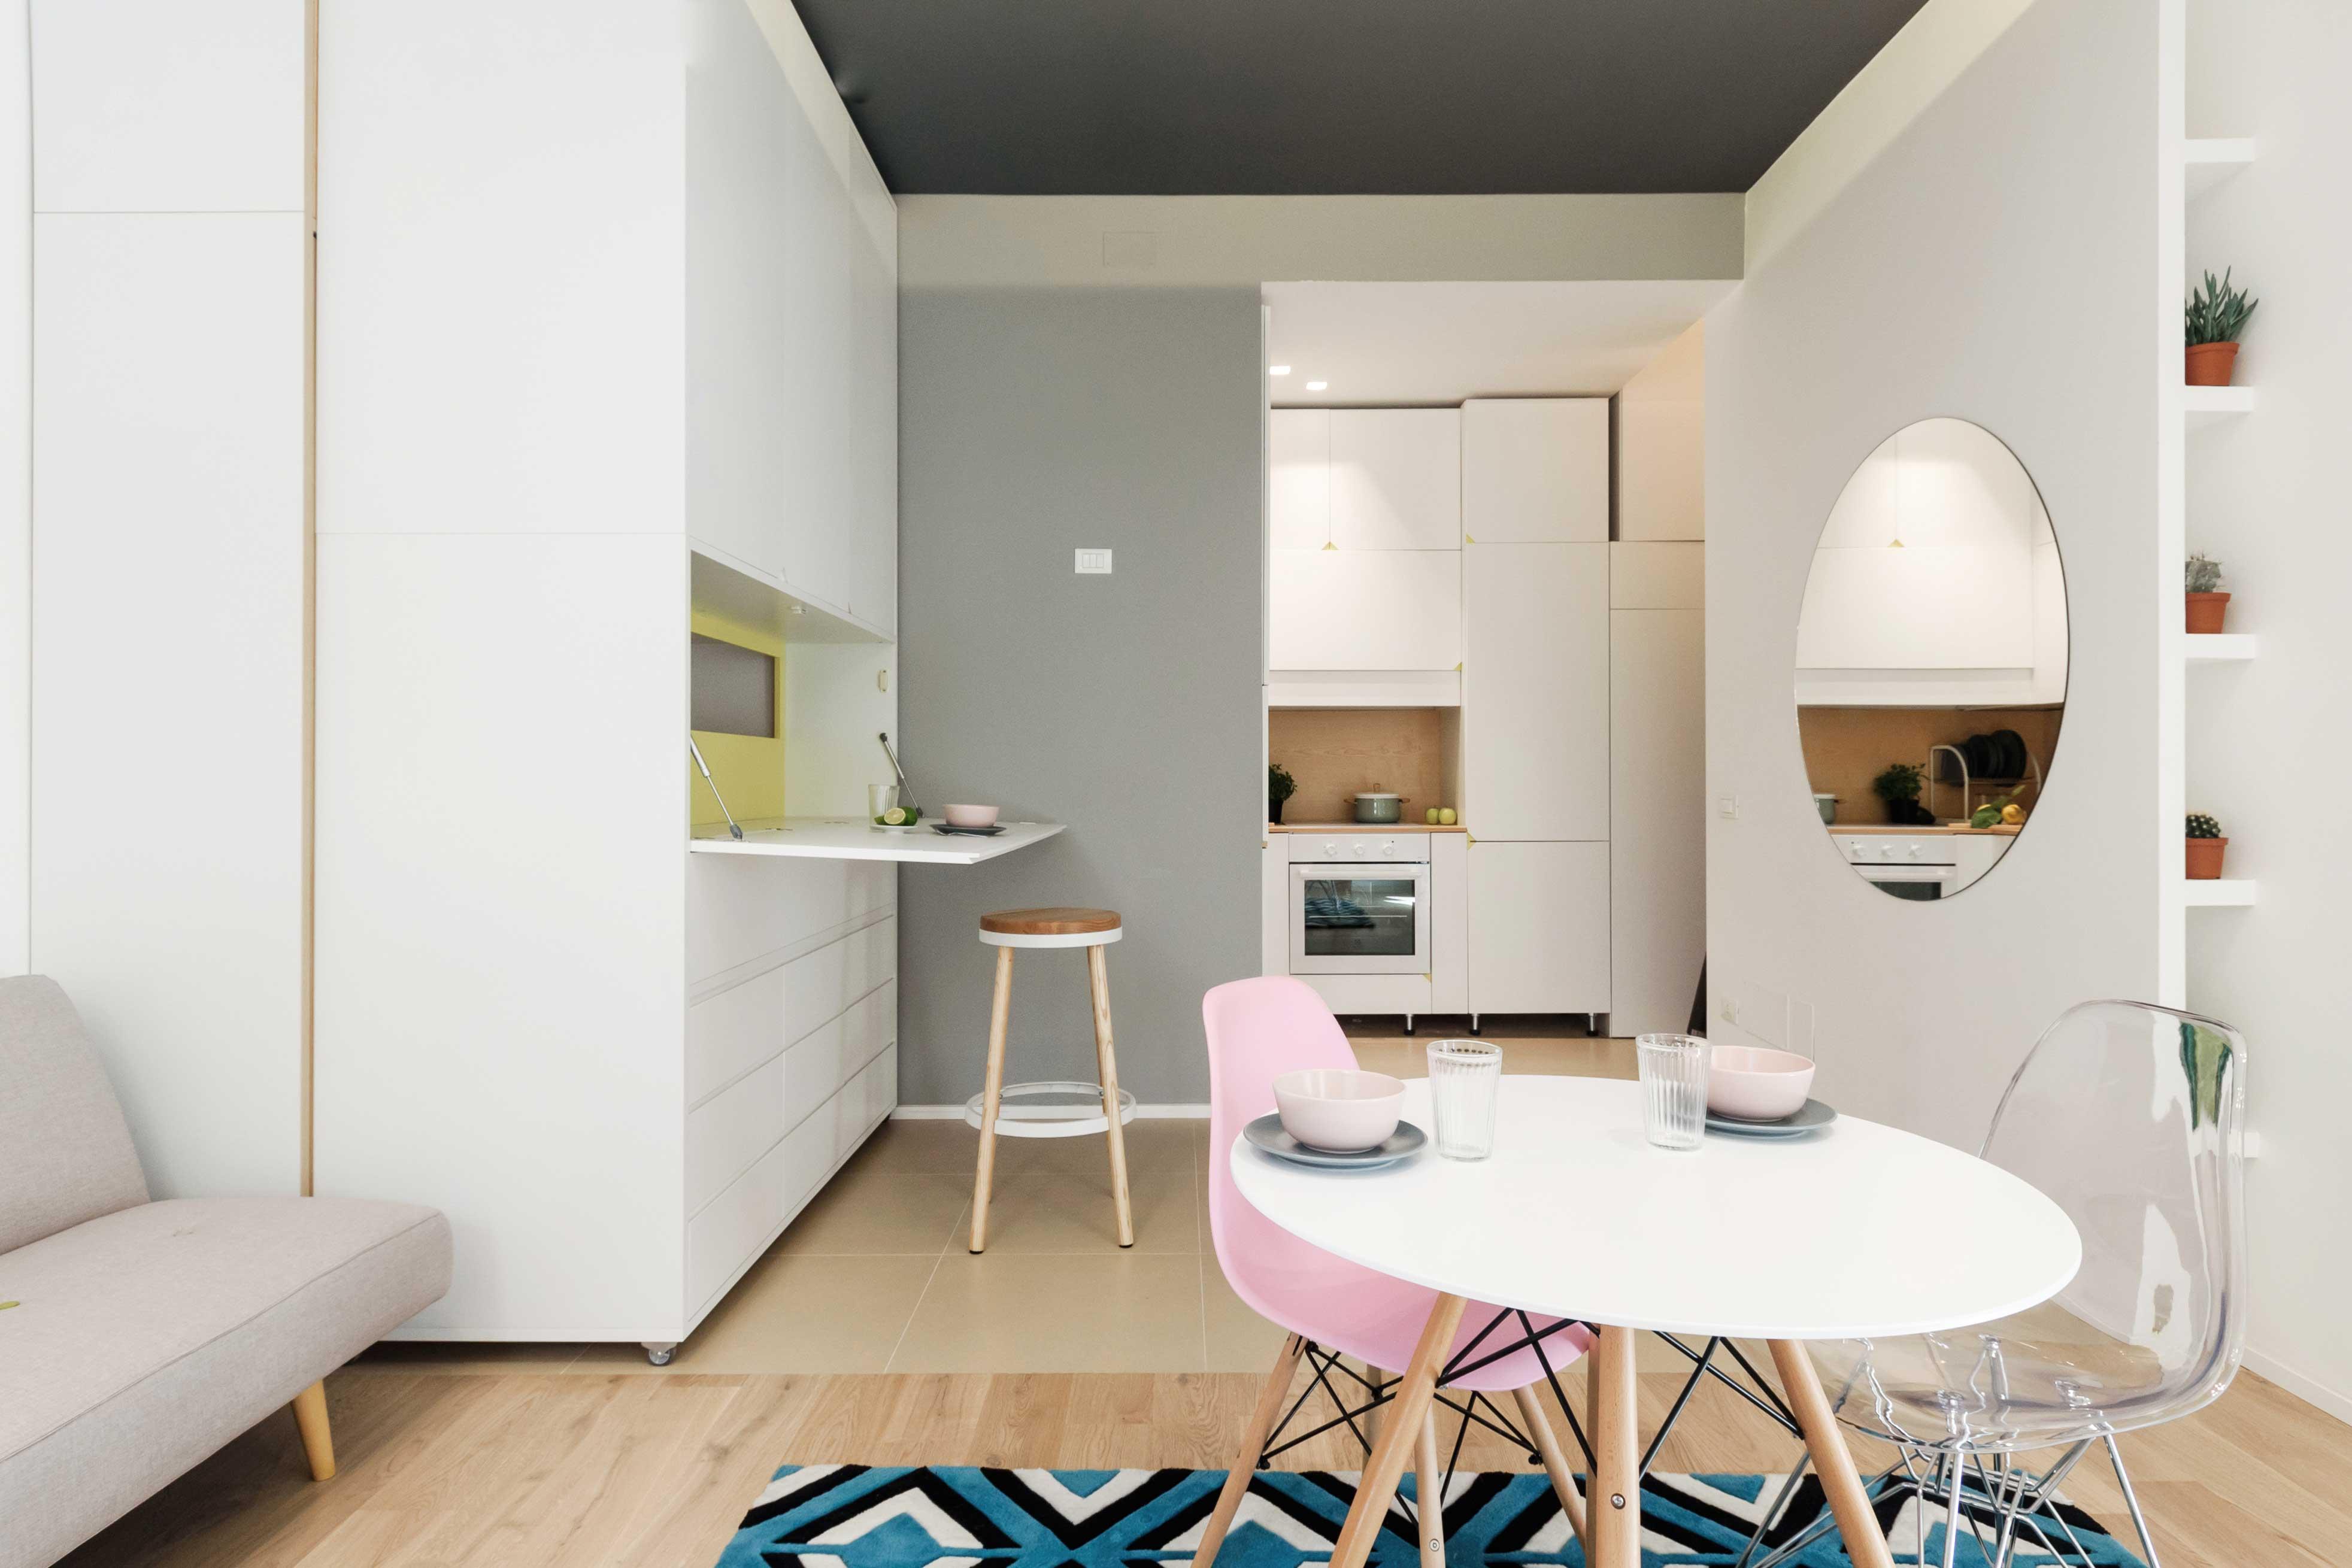 Mobili Per Casa Piccola : Ristrutturare una casa piccola articoli livingcorriere